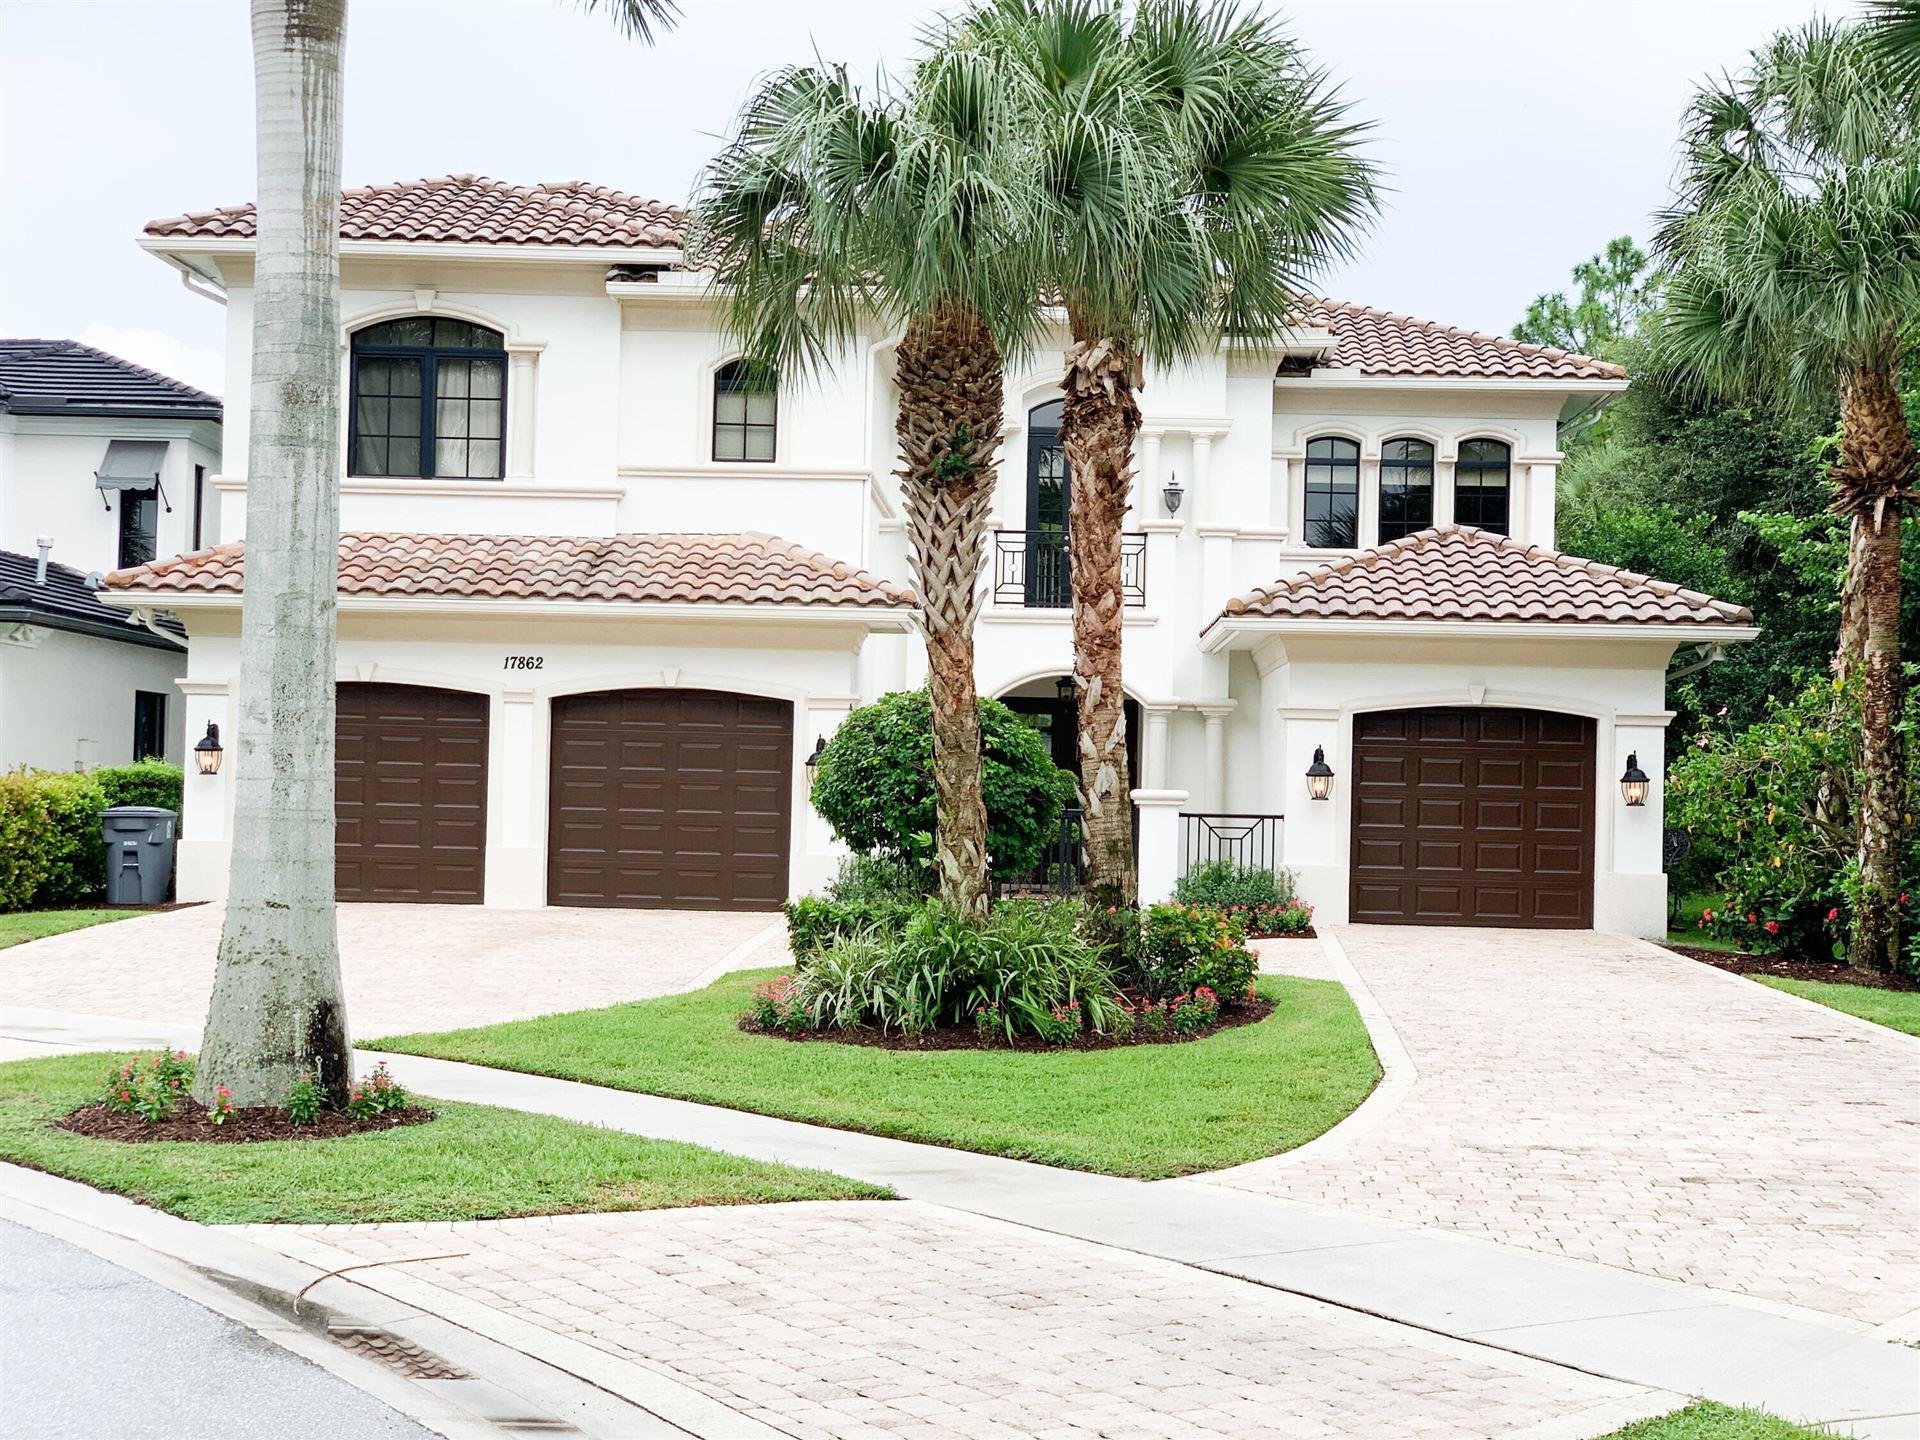 Photo of 17862 Cadena Drive, Boca Raton, FL 33496 (MLS # RX-10736344)